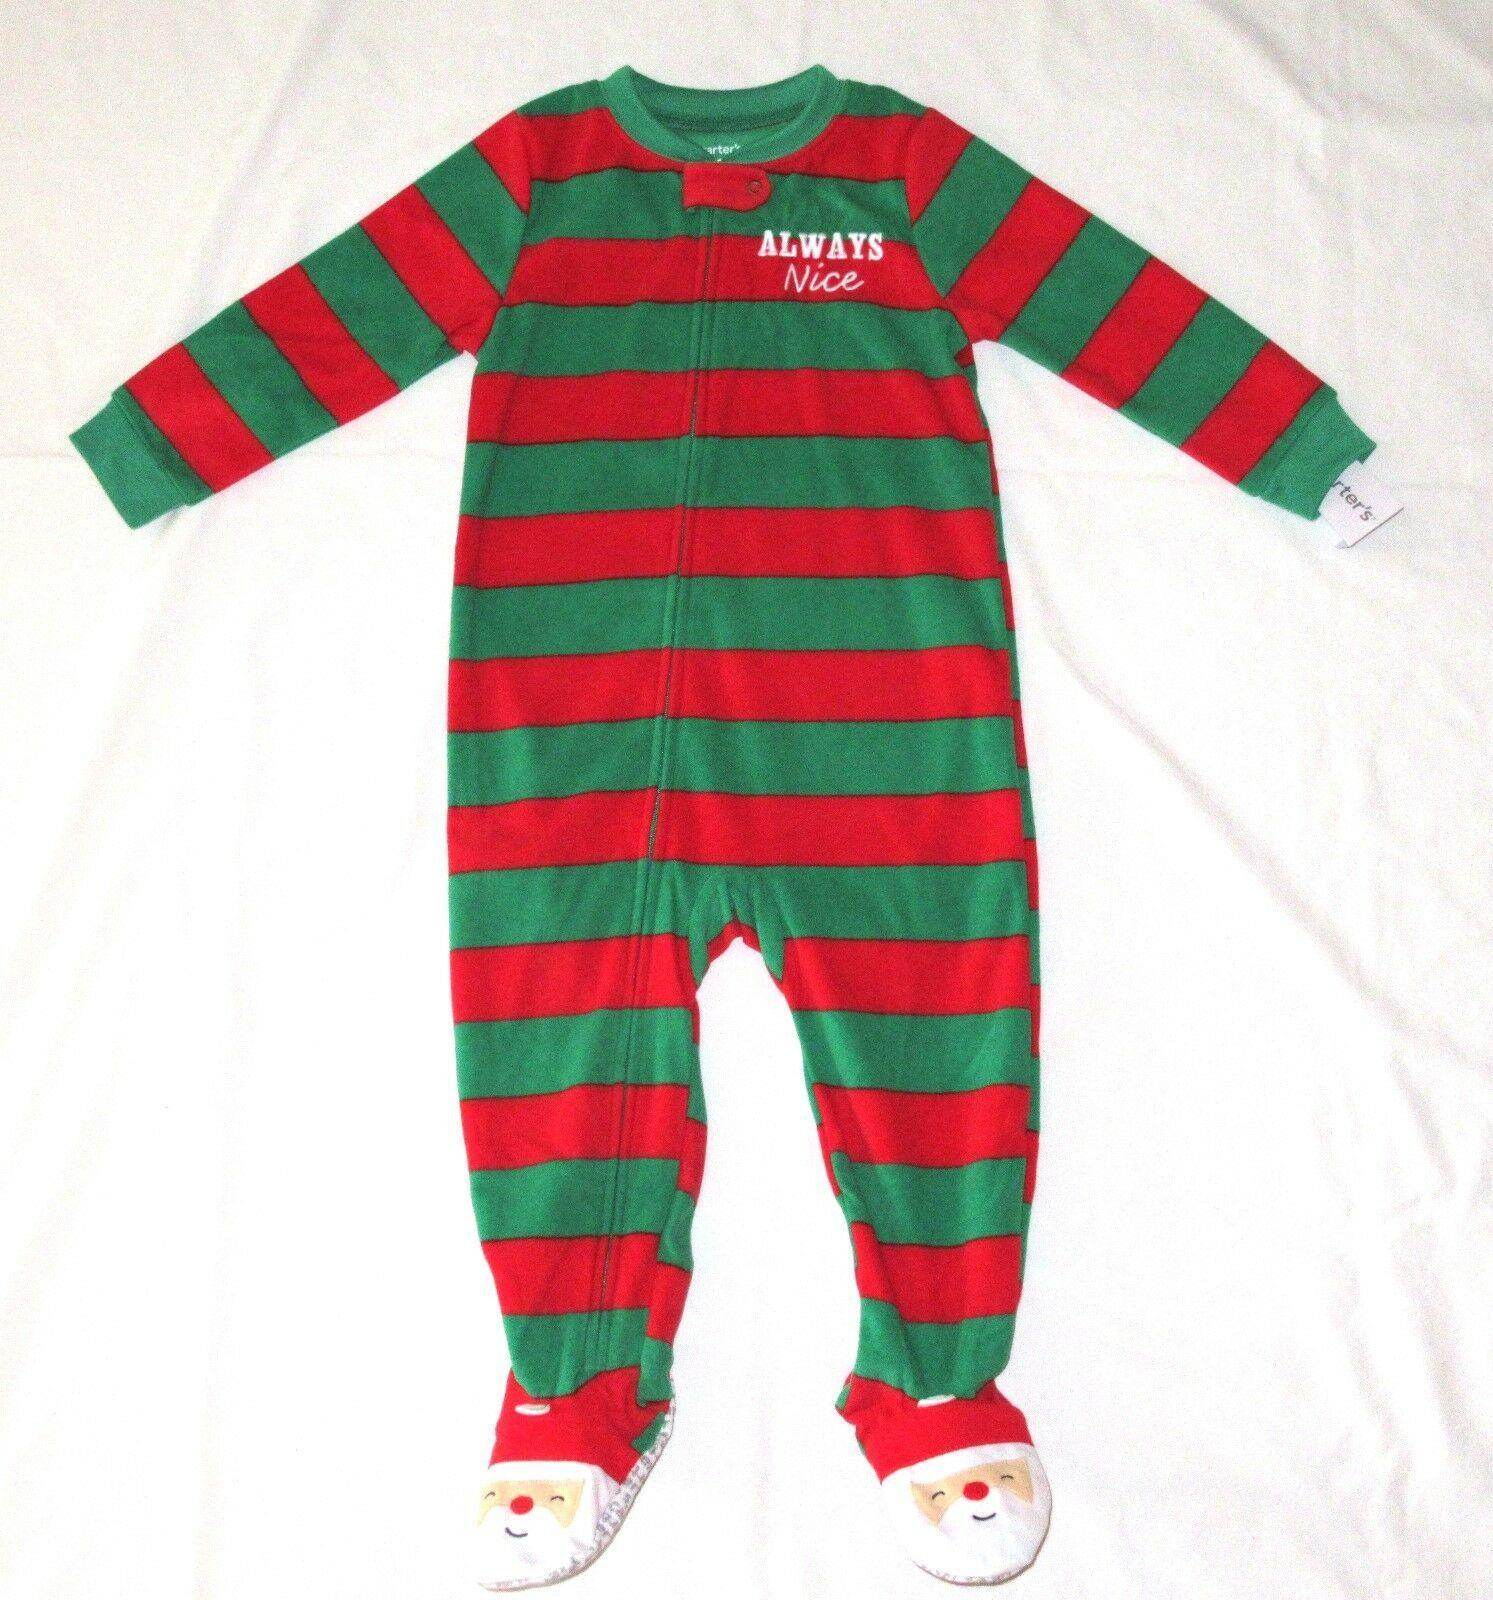 c84ecc425 Boy Girl 4T Carters Fleece Footed pajama Blanket Sleeper Santa Feet Always  Nice - $7.99